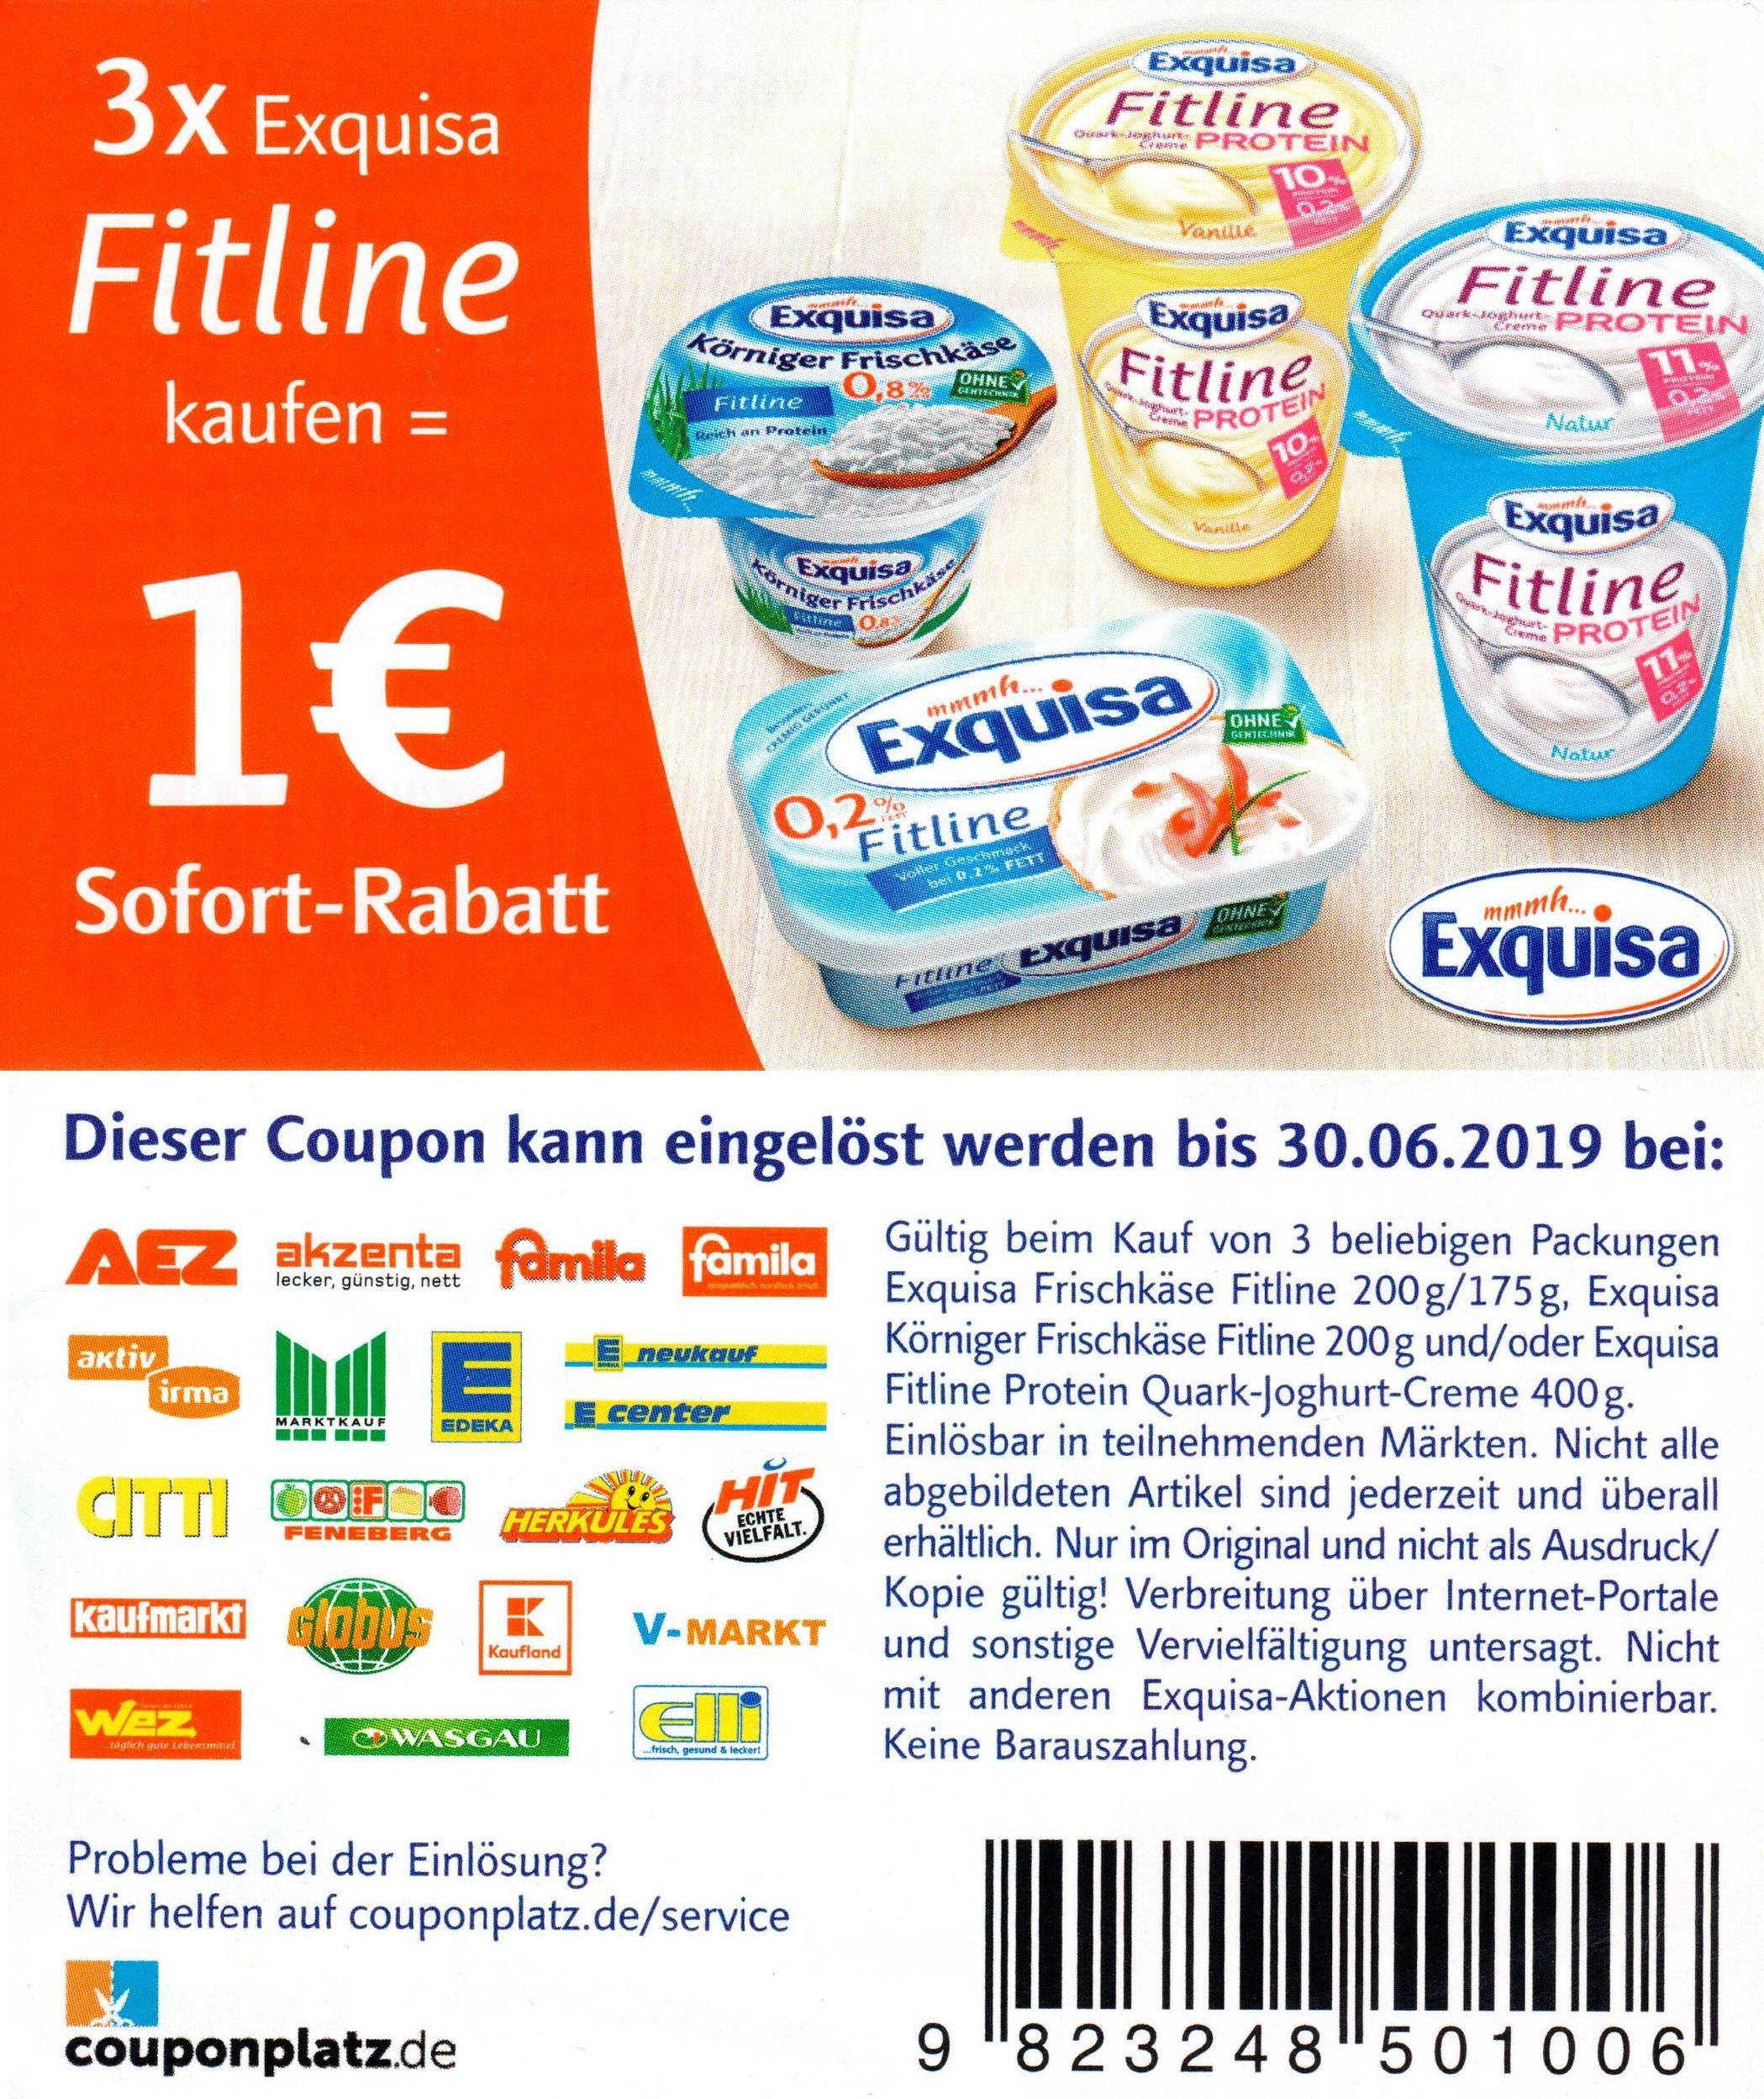 1,00€ Sofort-Rabatt Coupon für den Kauf von 3x Exquisa Fitline Produkte (30.06.2019)